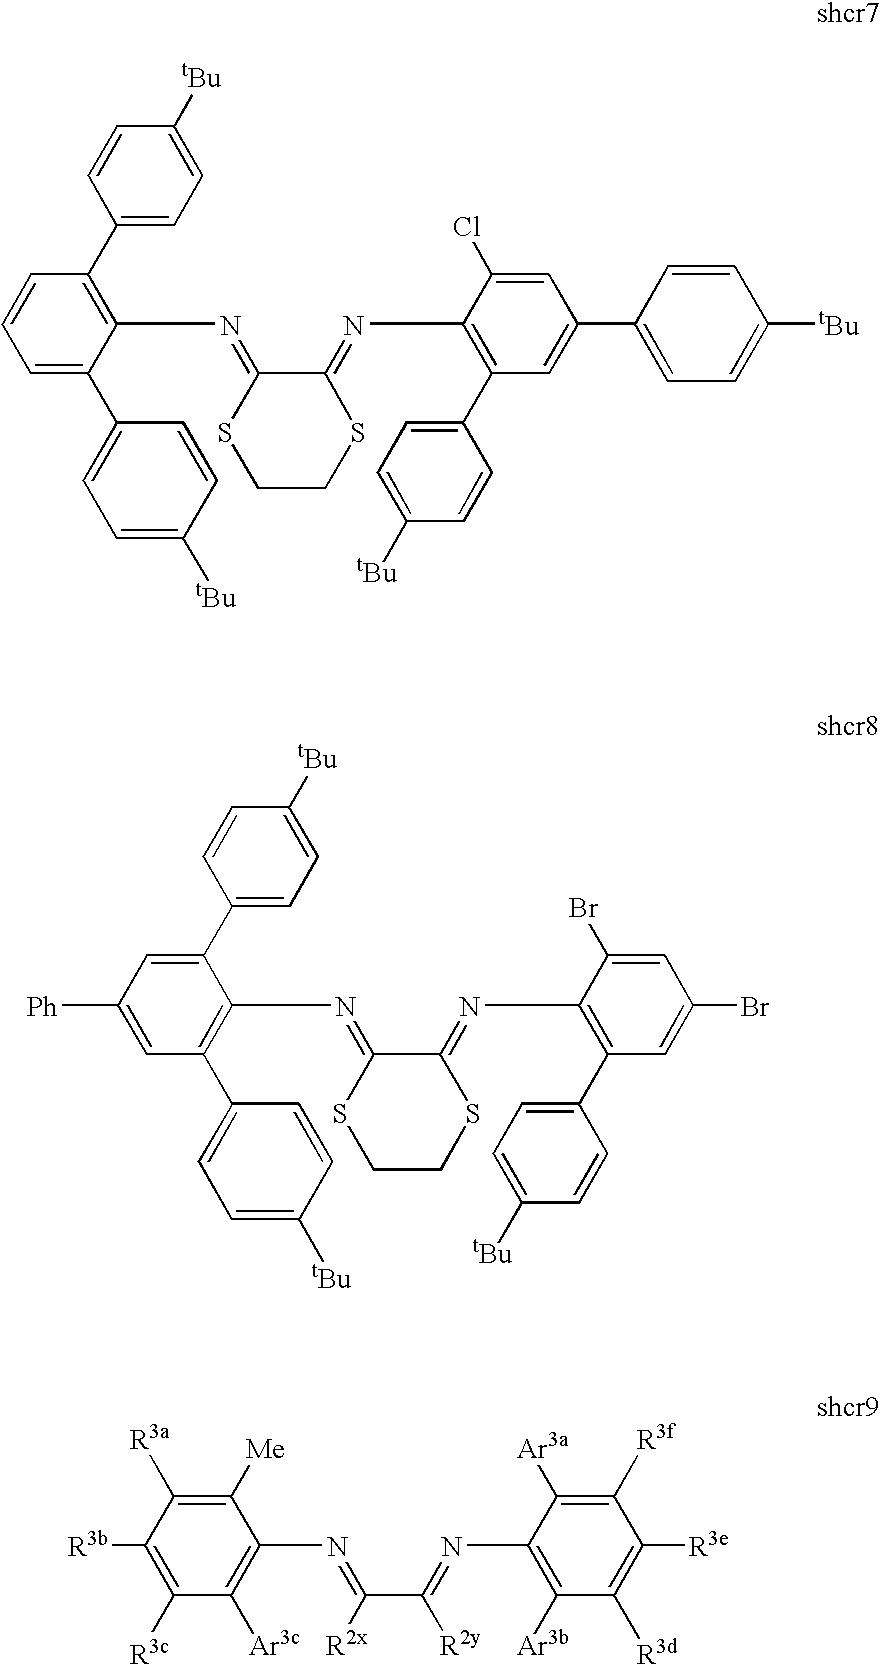 Figure US20040127658A1-20040701-C00020